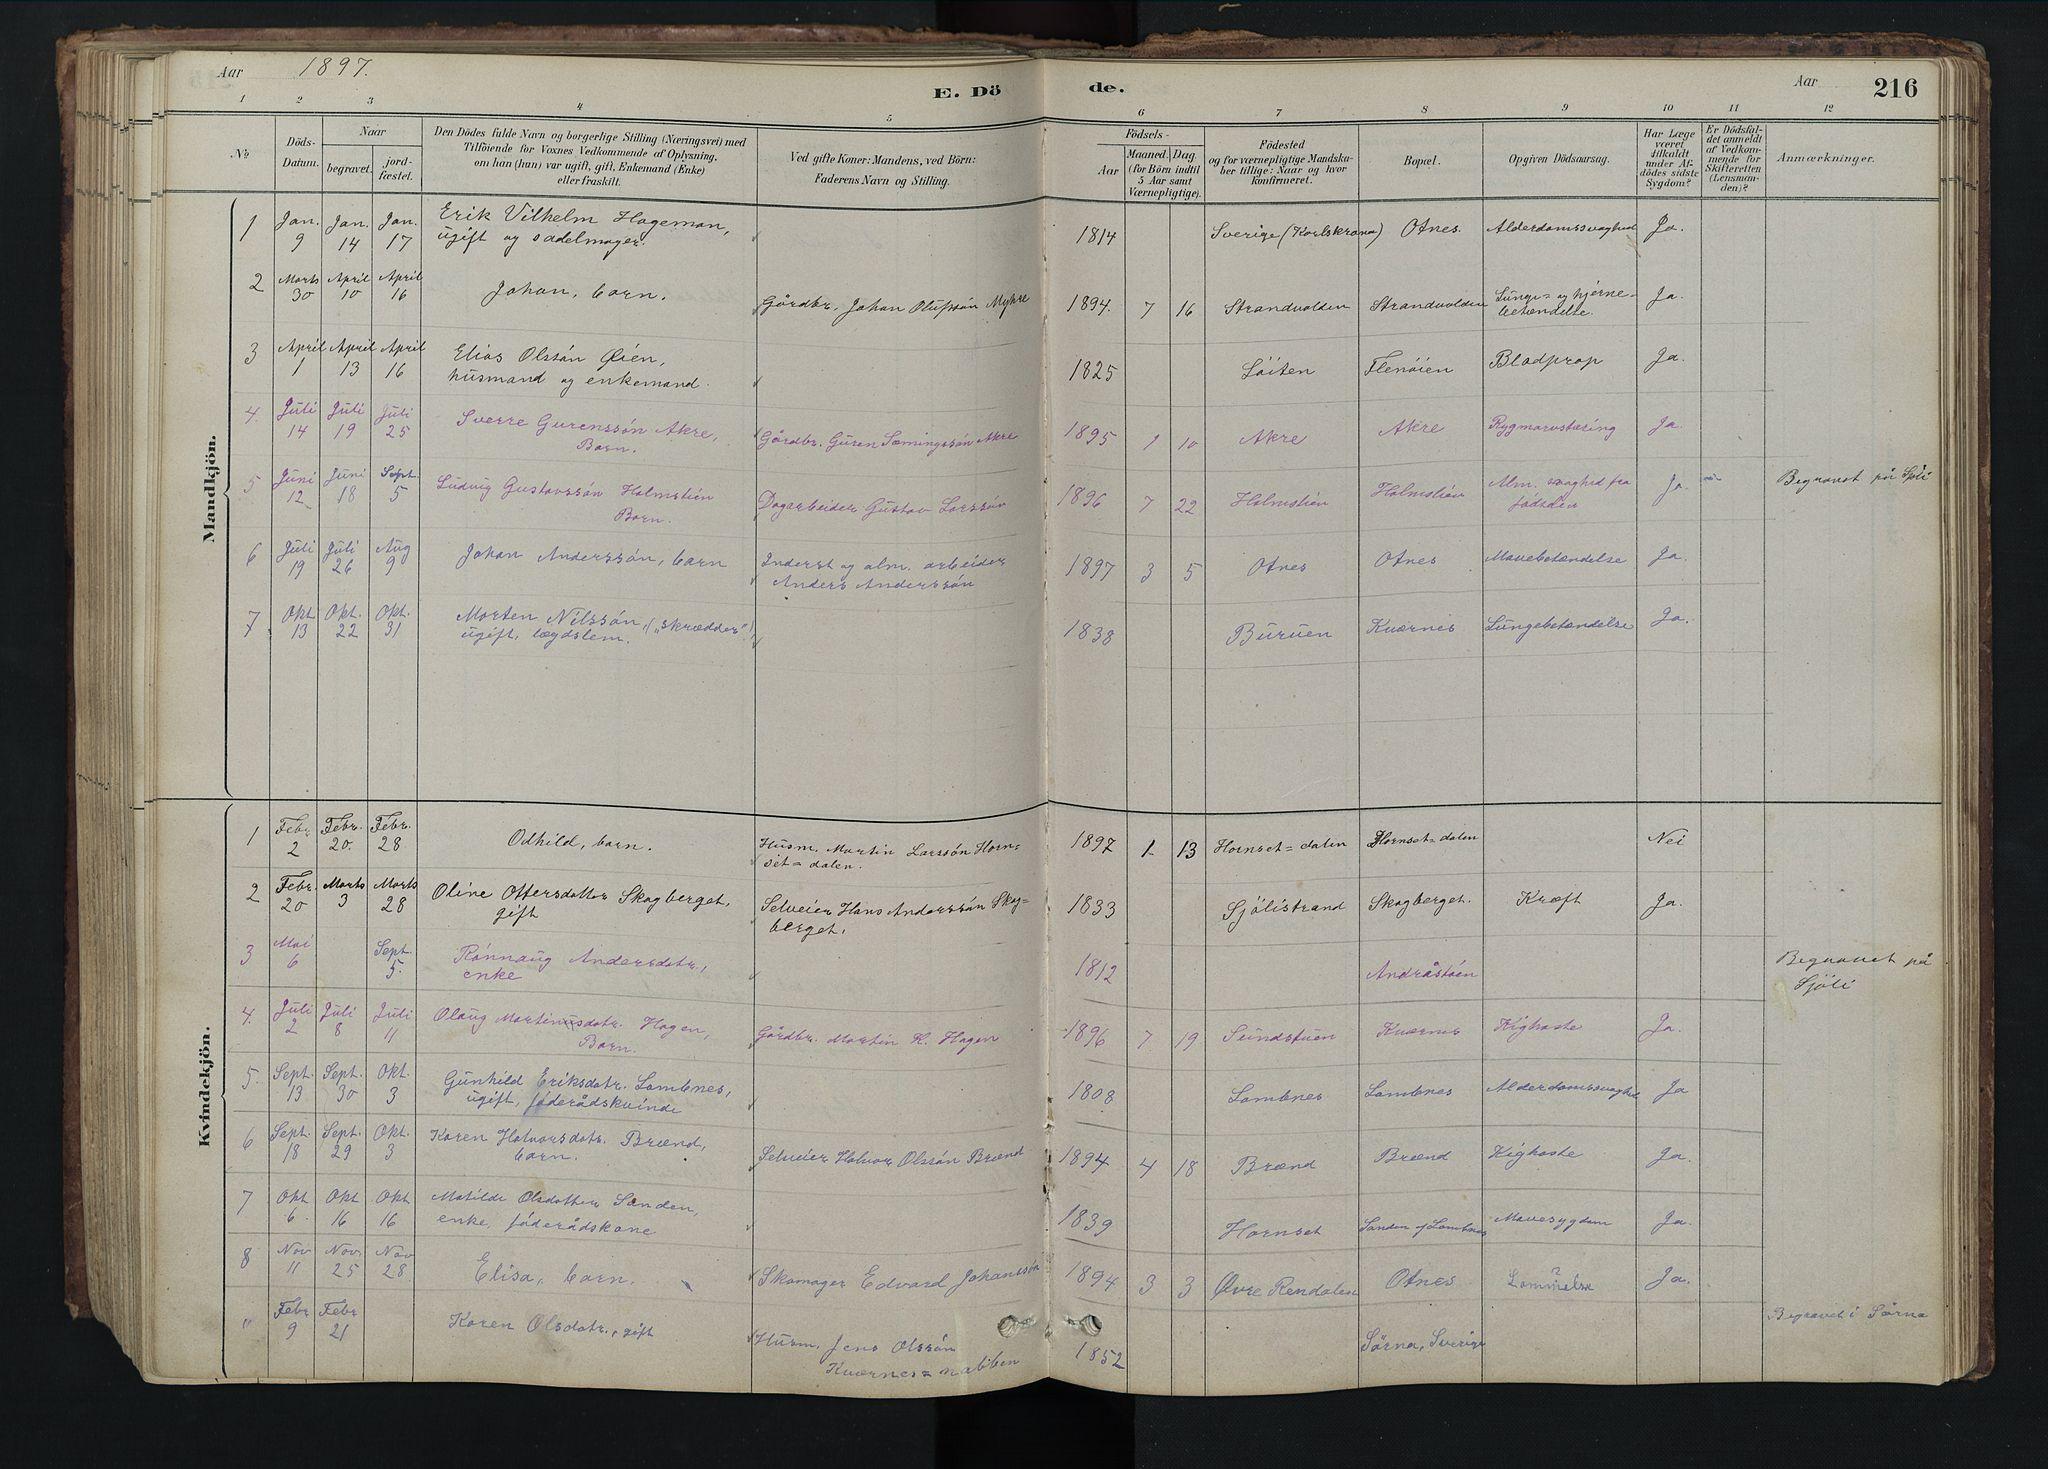 SAH, Rendalen prestekontor, H/Ha/Hab/L0009: Klokkerbok nr. 9, 1879-1902, s. 216